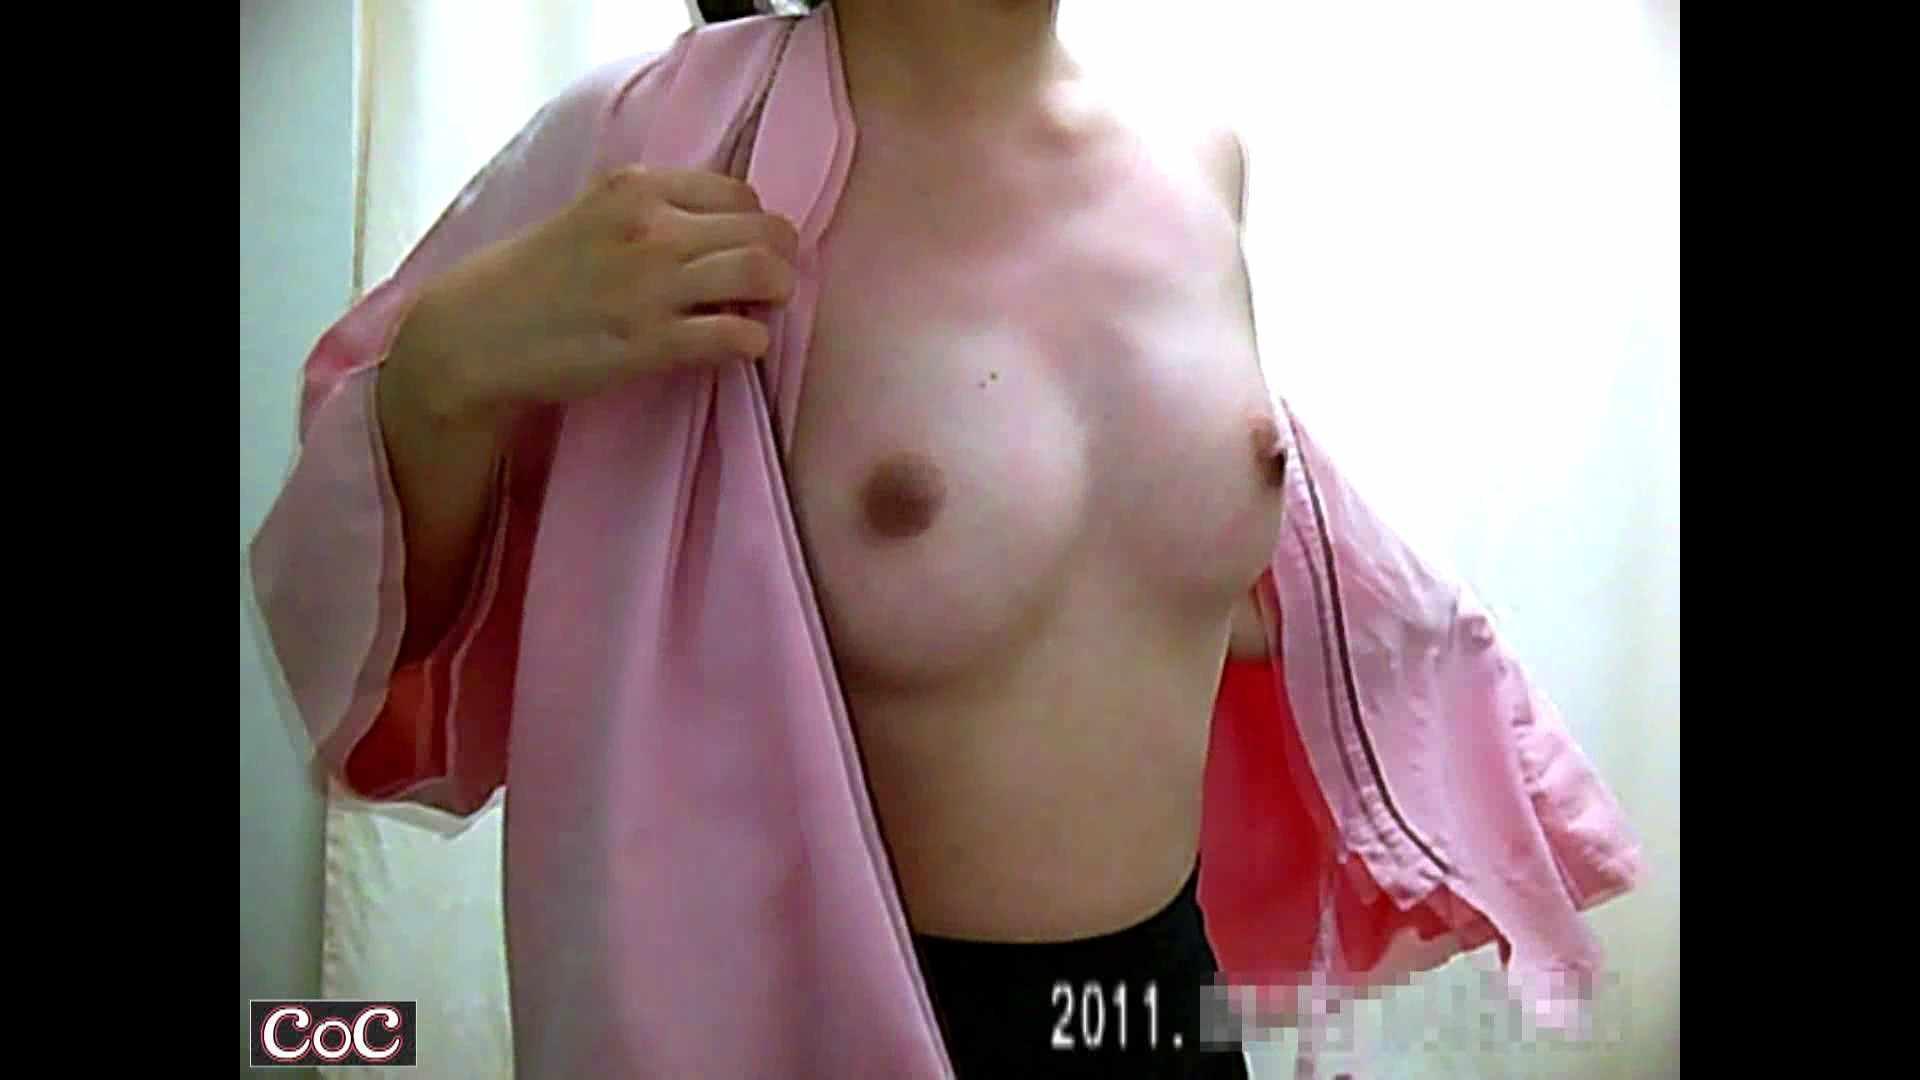 病院おもいっきり着替え! vol.15 美女OL すけべAV動画紹介 106連発 65